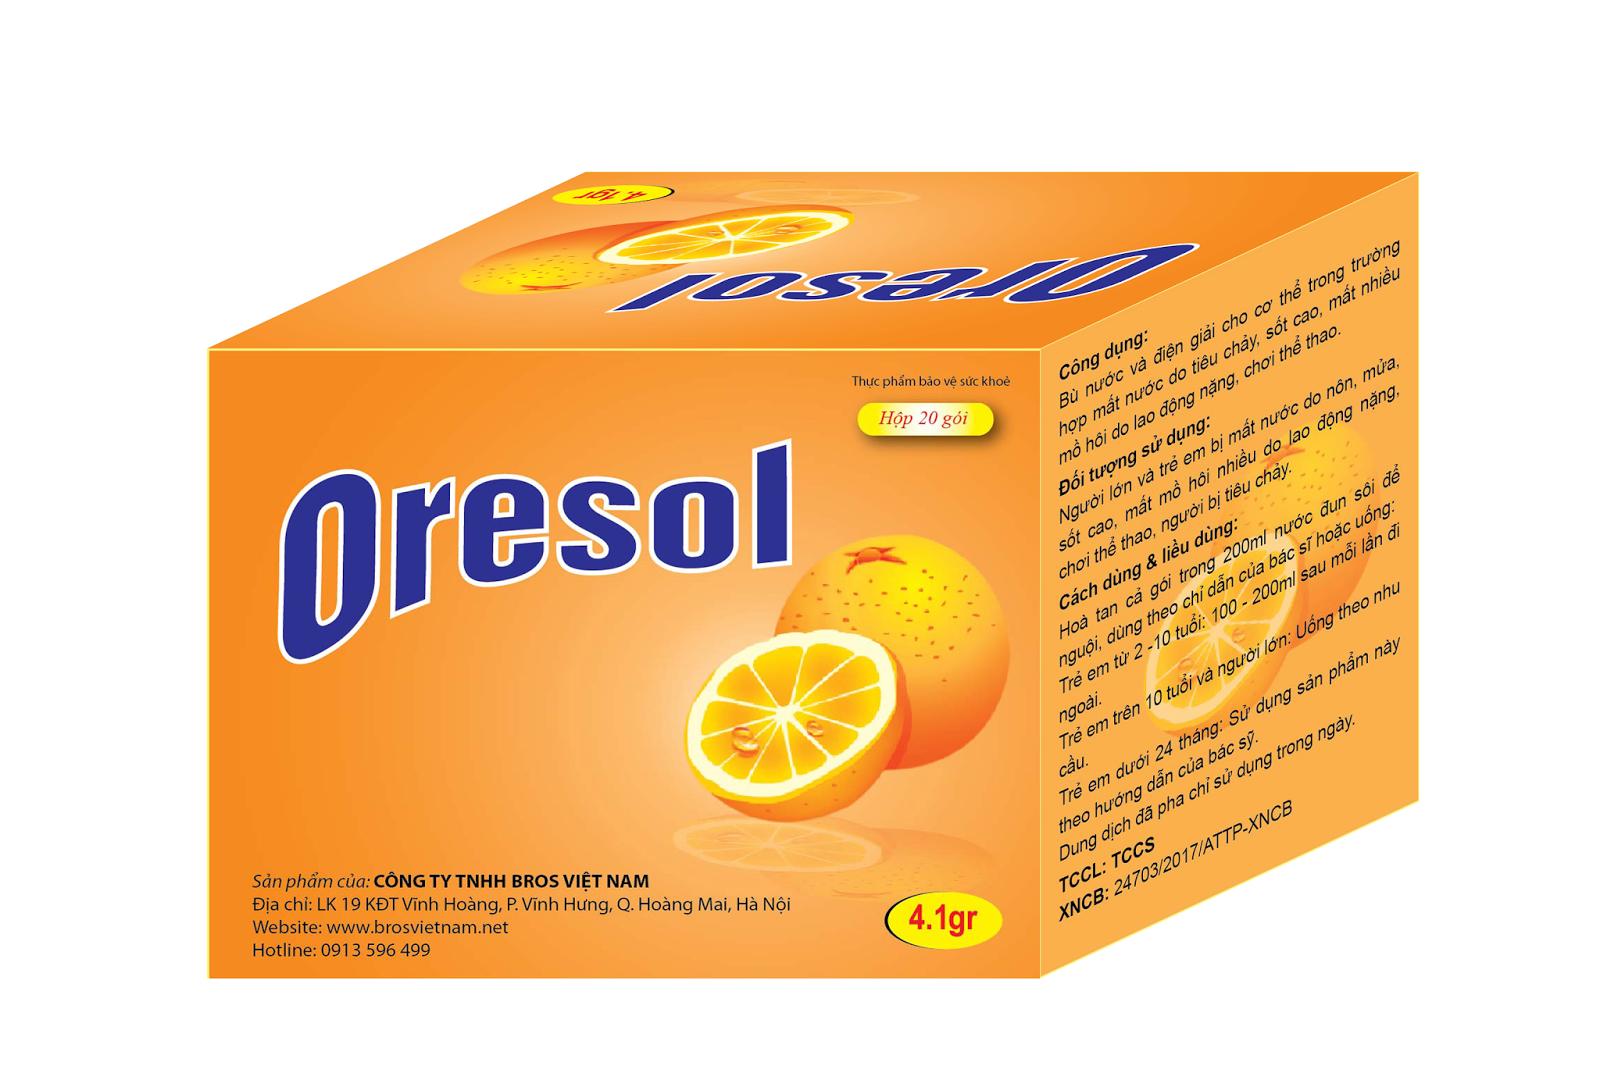 Bù nước bù điện giải Oresol